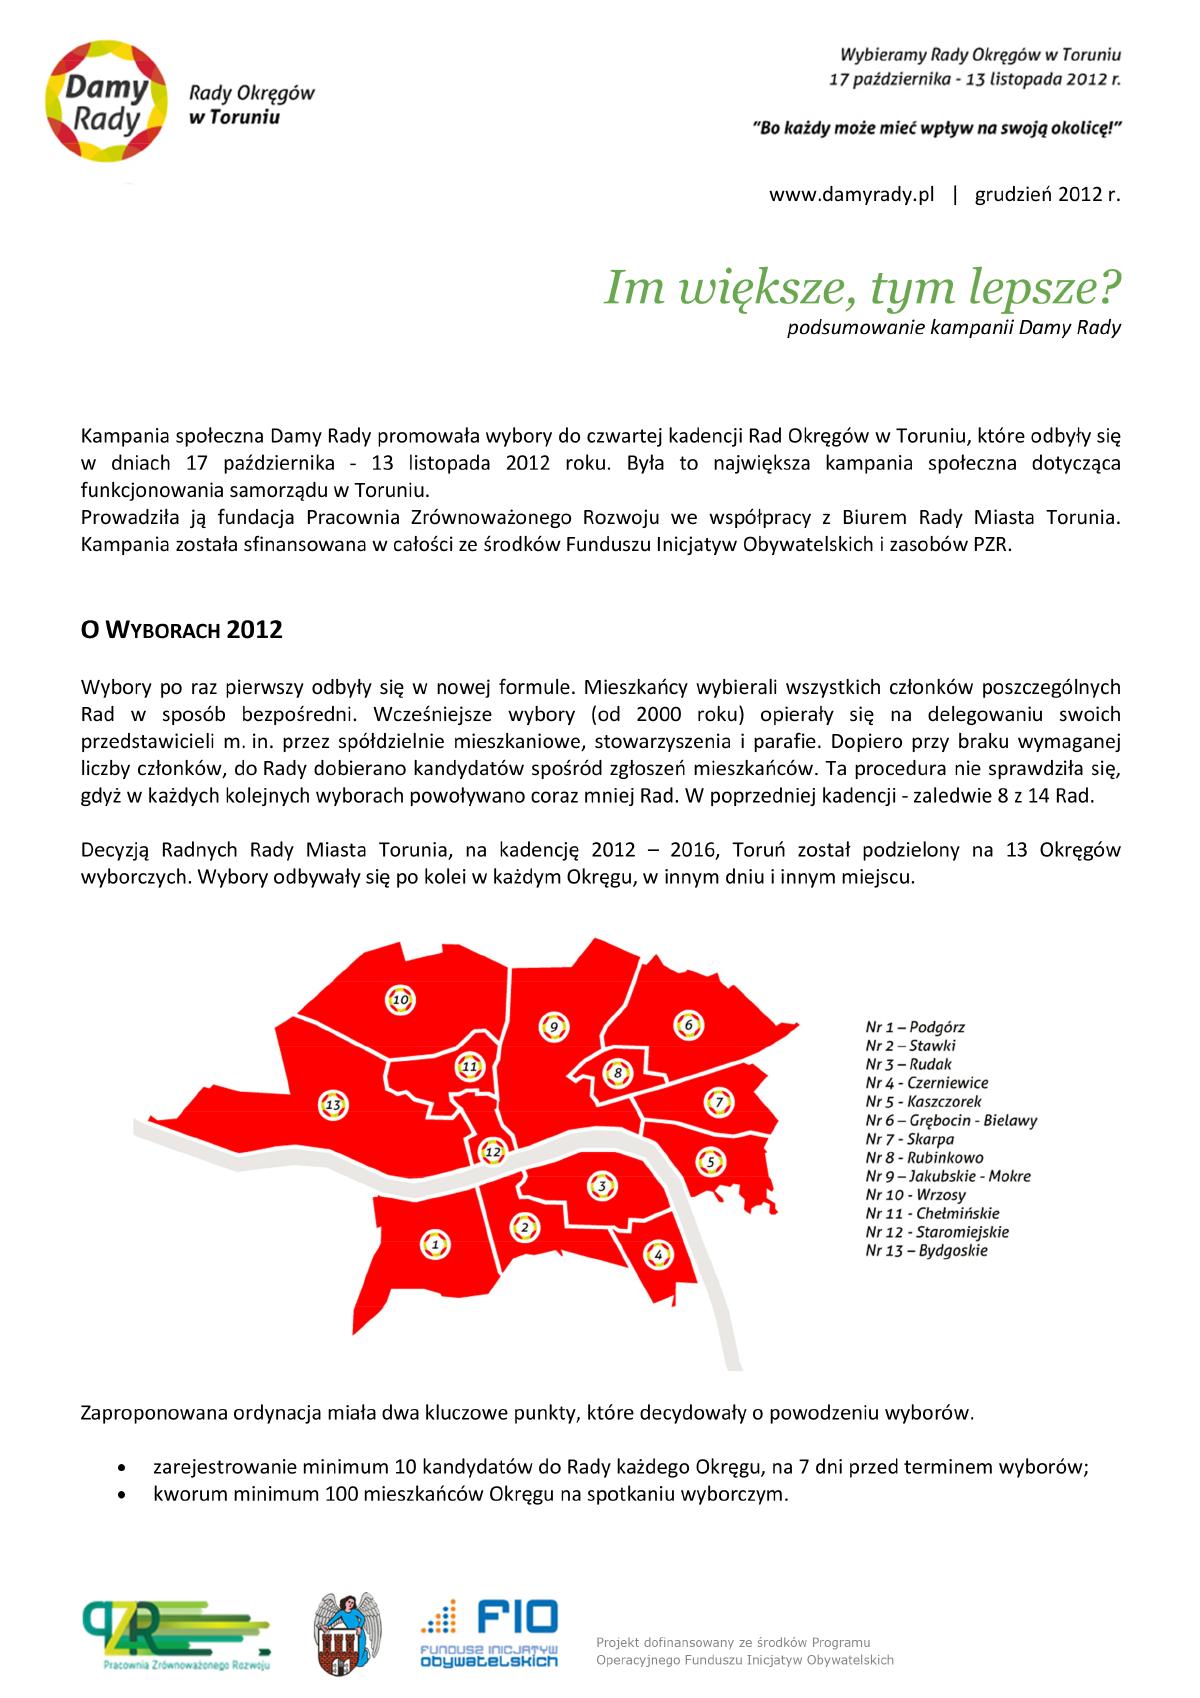 damy_rady_podsumowanie_2012